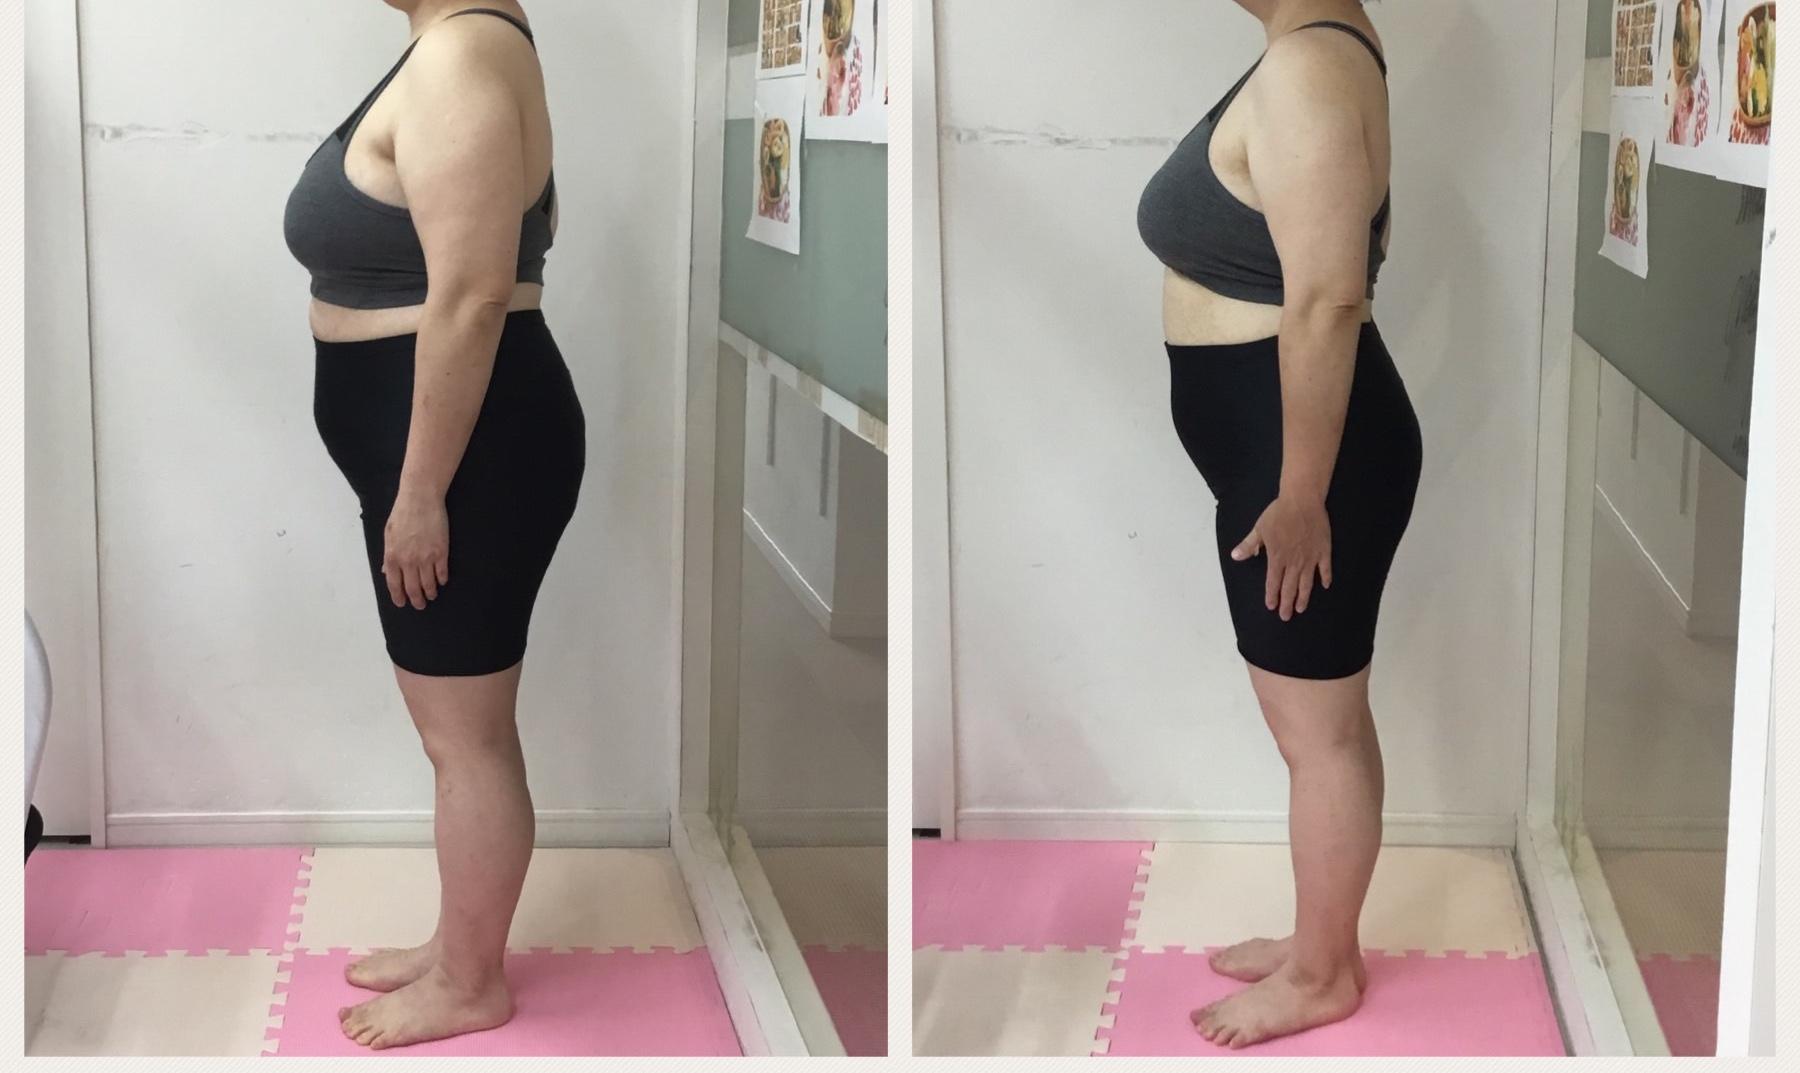 産後ダイエット、産後の体型、産後の歪みを調整